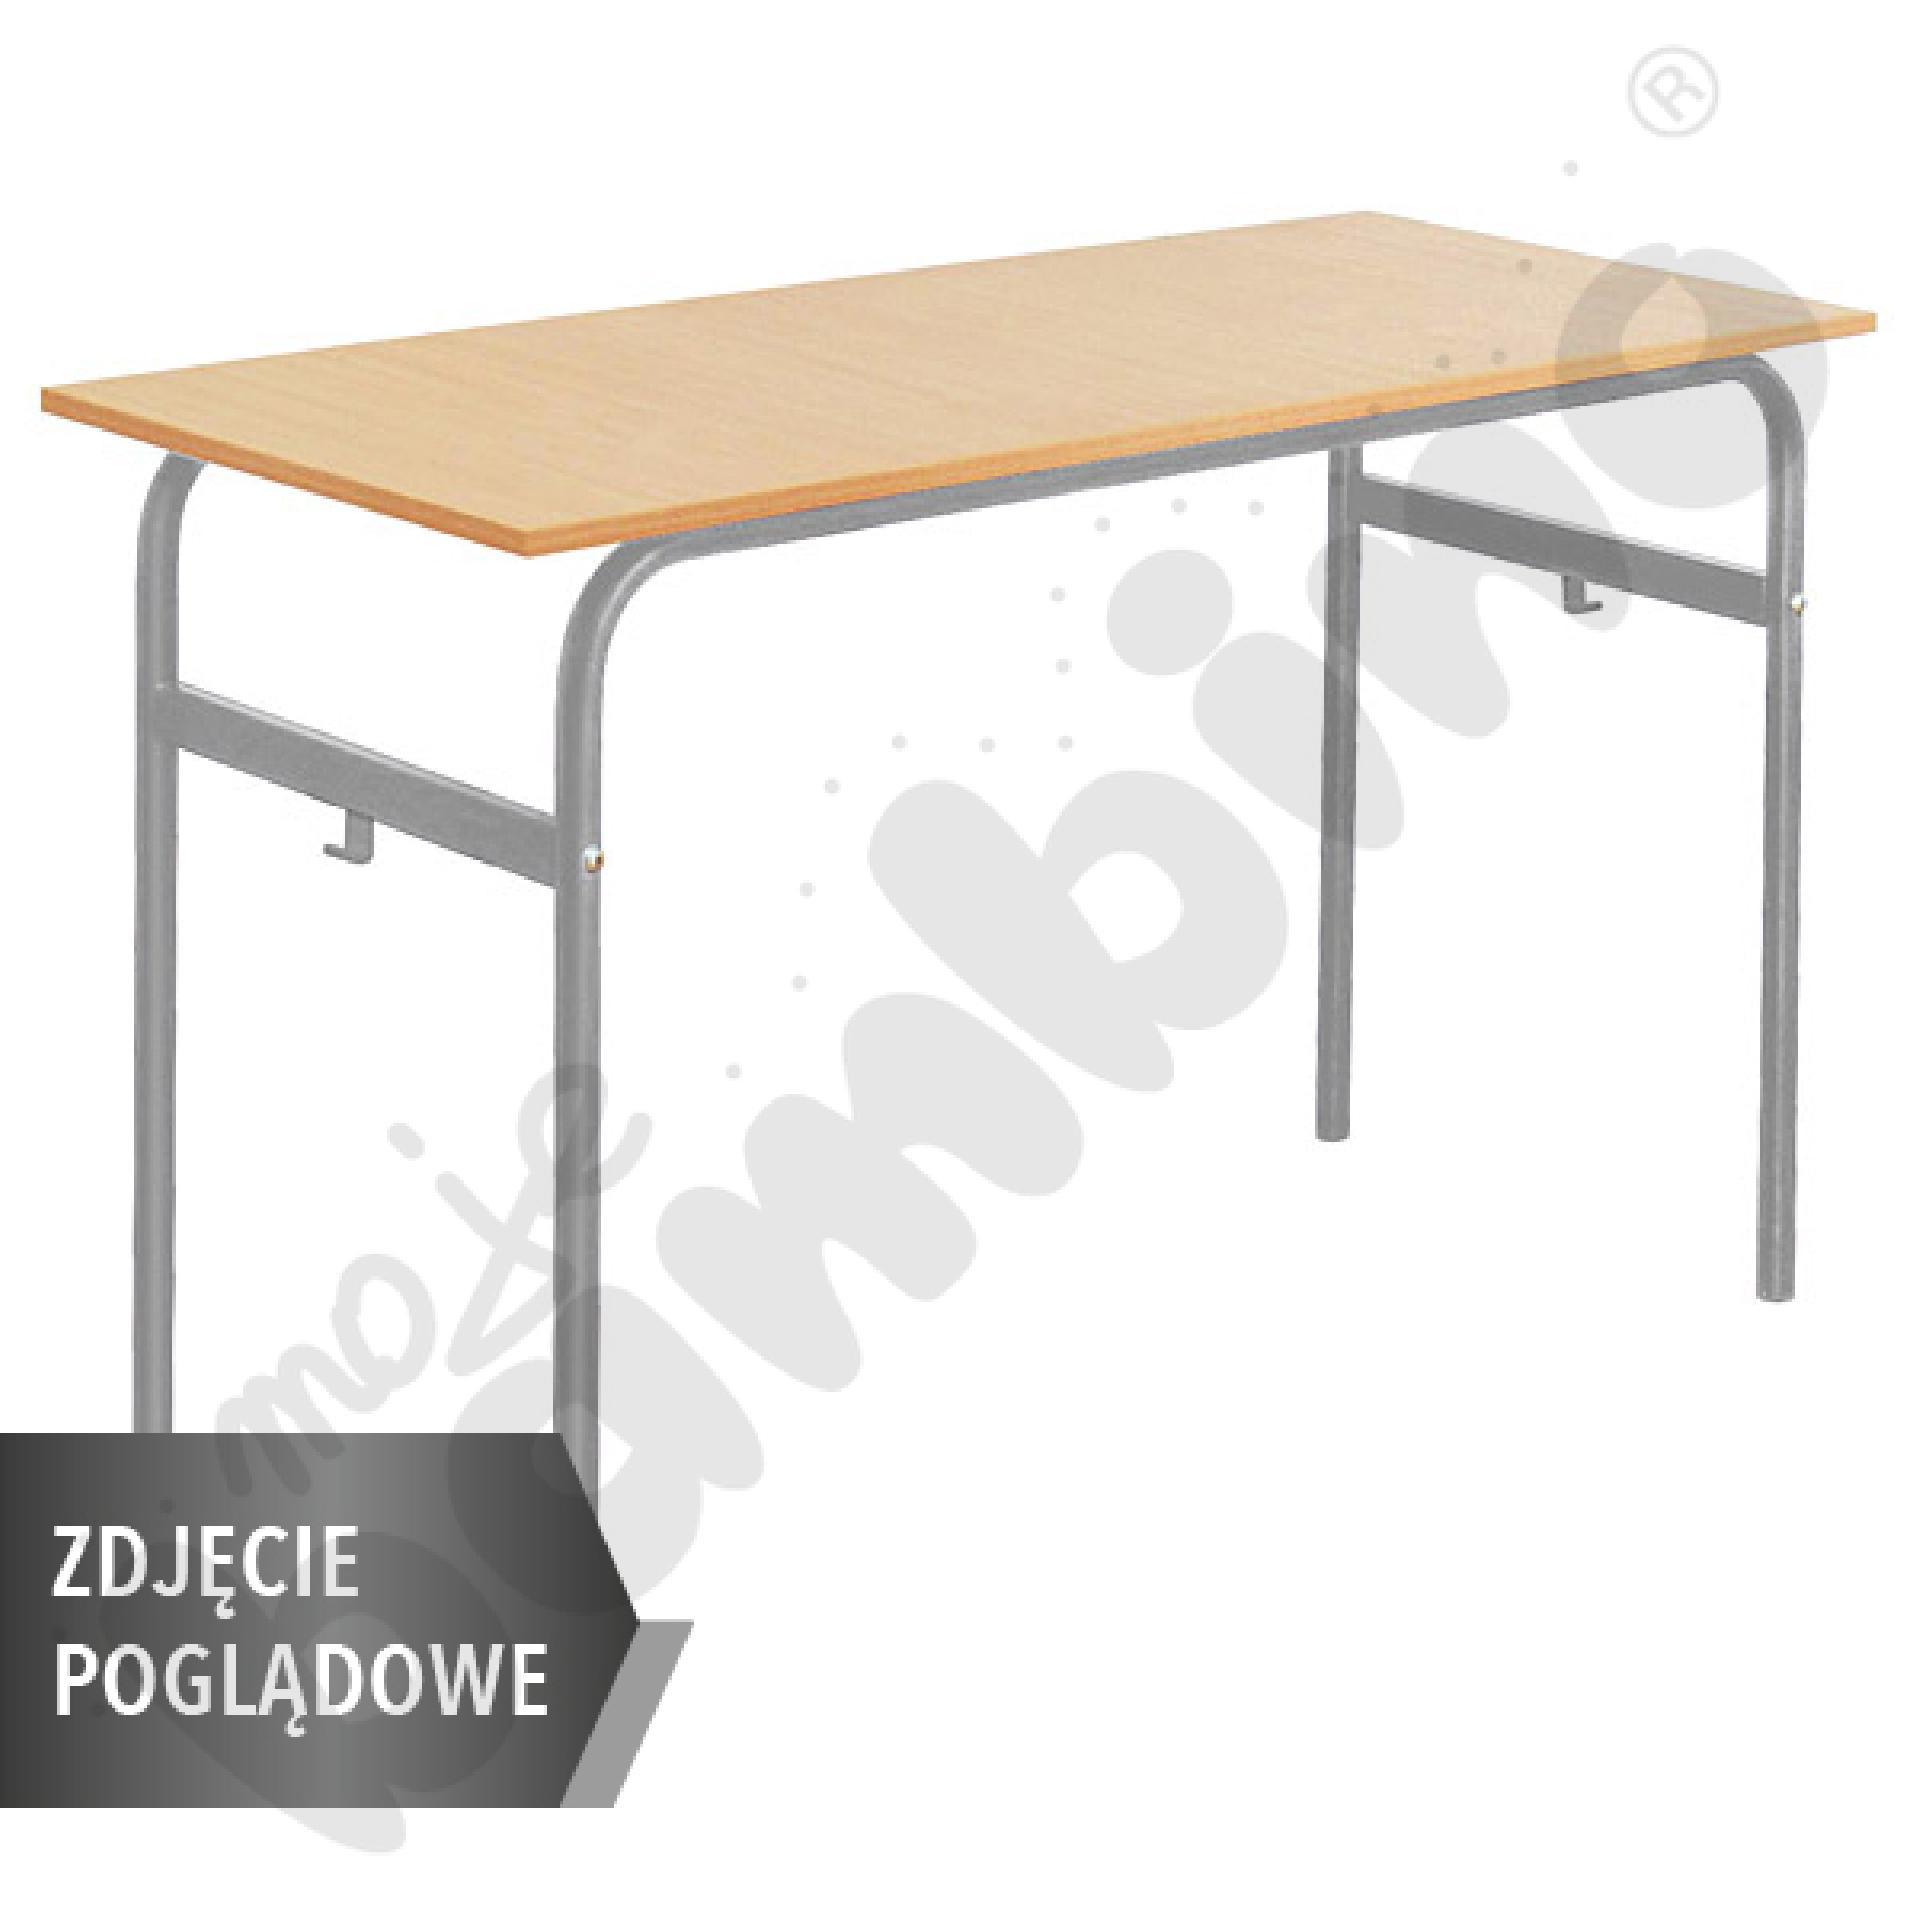 Stół Daniel 130x50 rozm. 4, 2os., stelaż żółty, blat buk, obrzeże ABS, narożniki proste